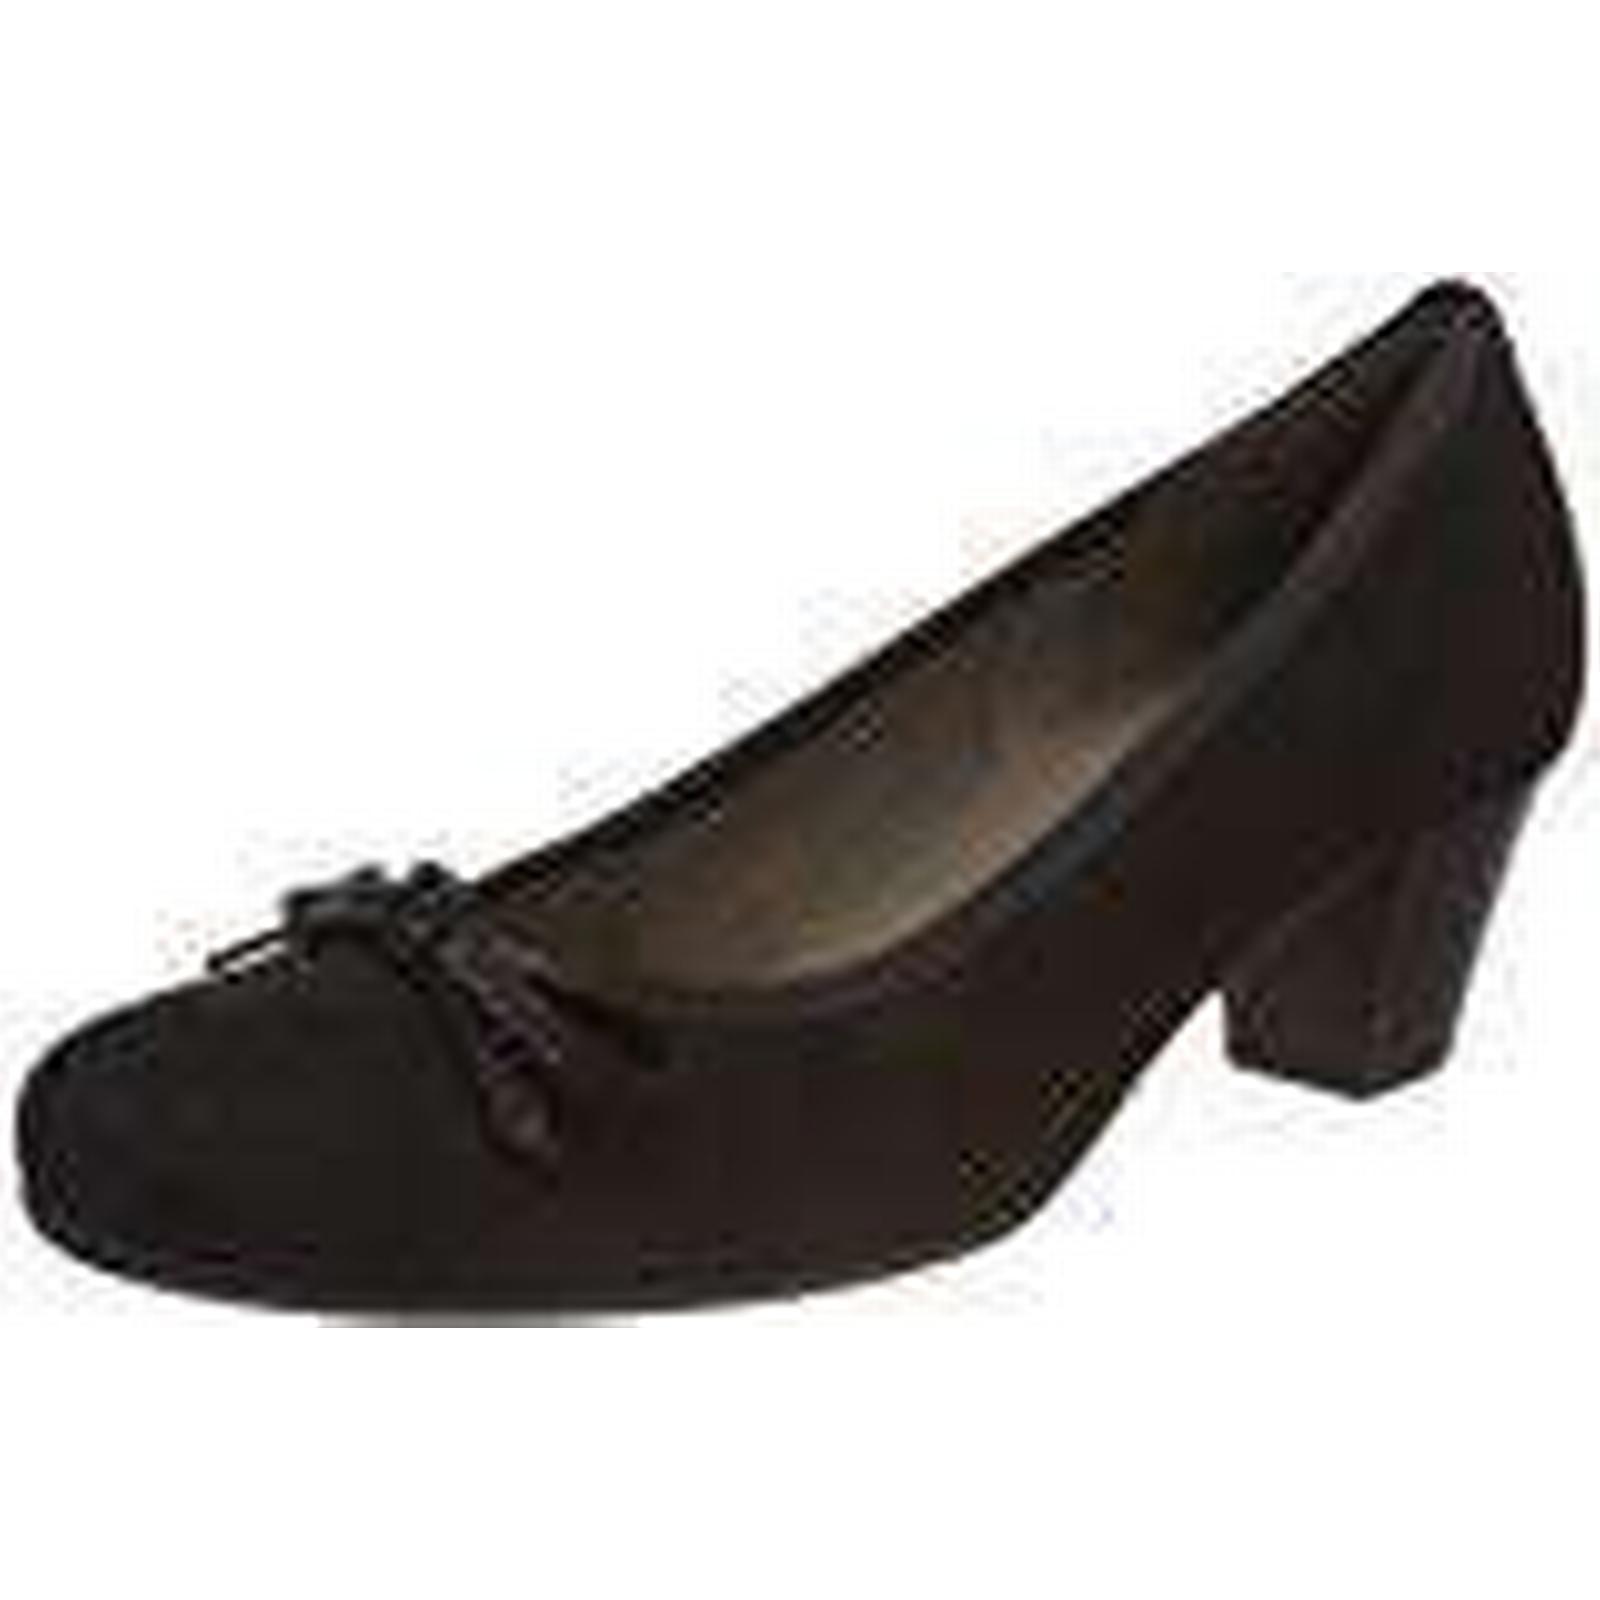 Gabor Shoes Women''s Basic Closed-Toe UK Pumps, Black Schwarz, 4.5 UK Closed-Toe 0fc66c